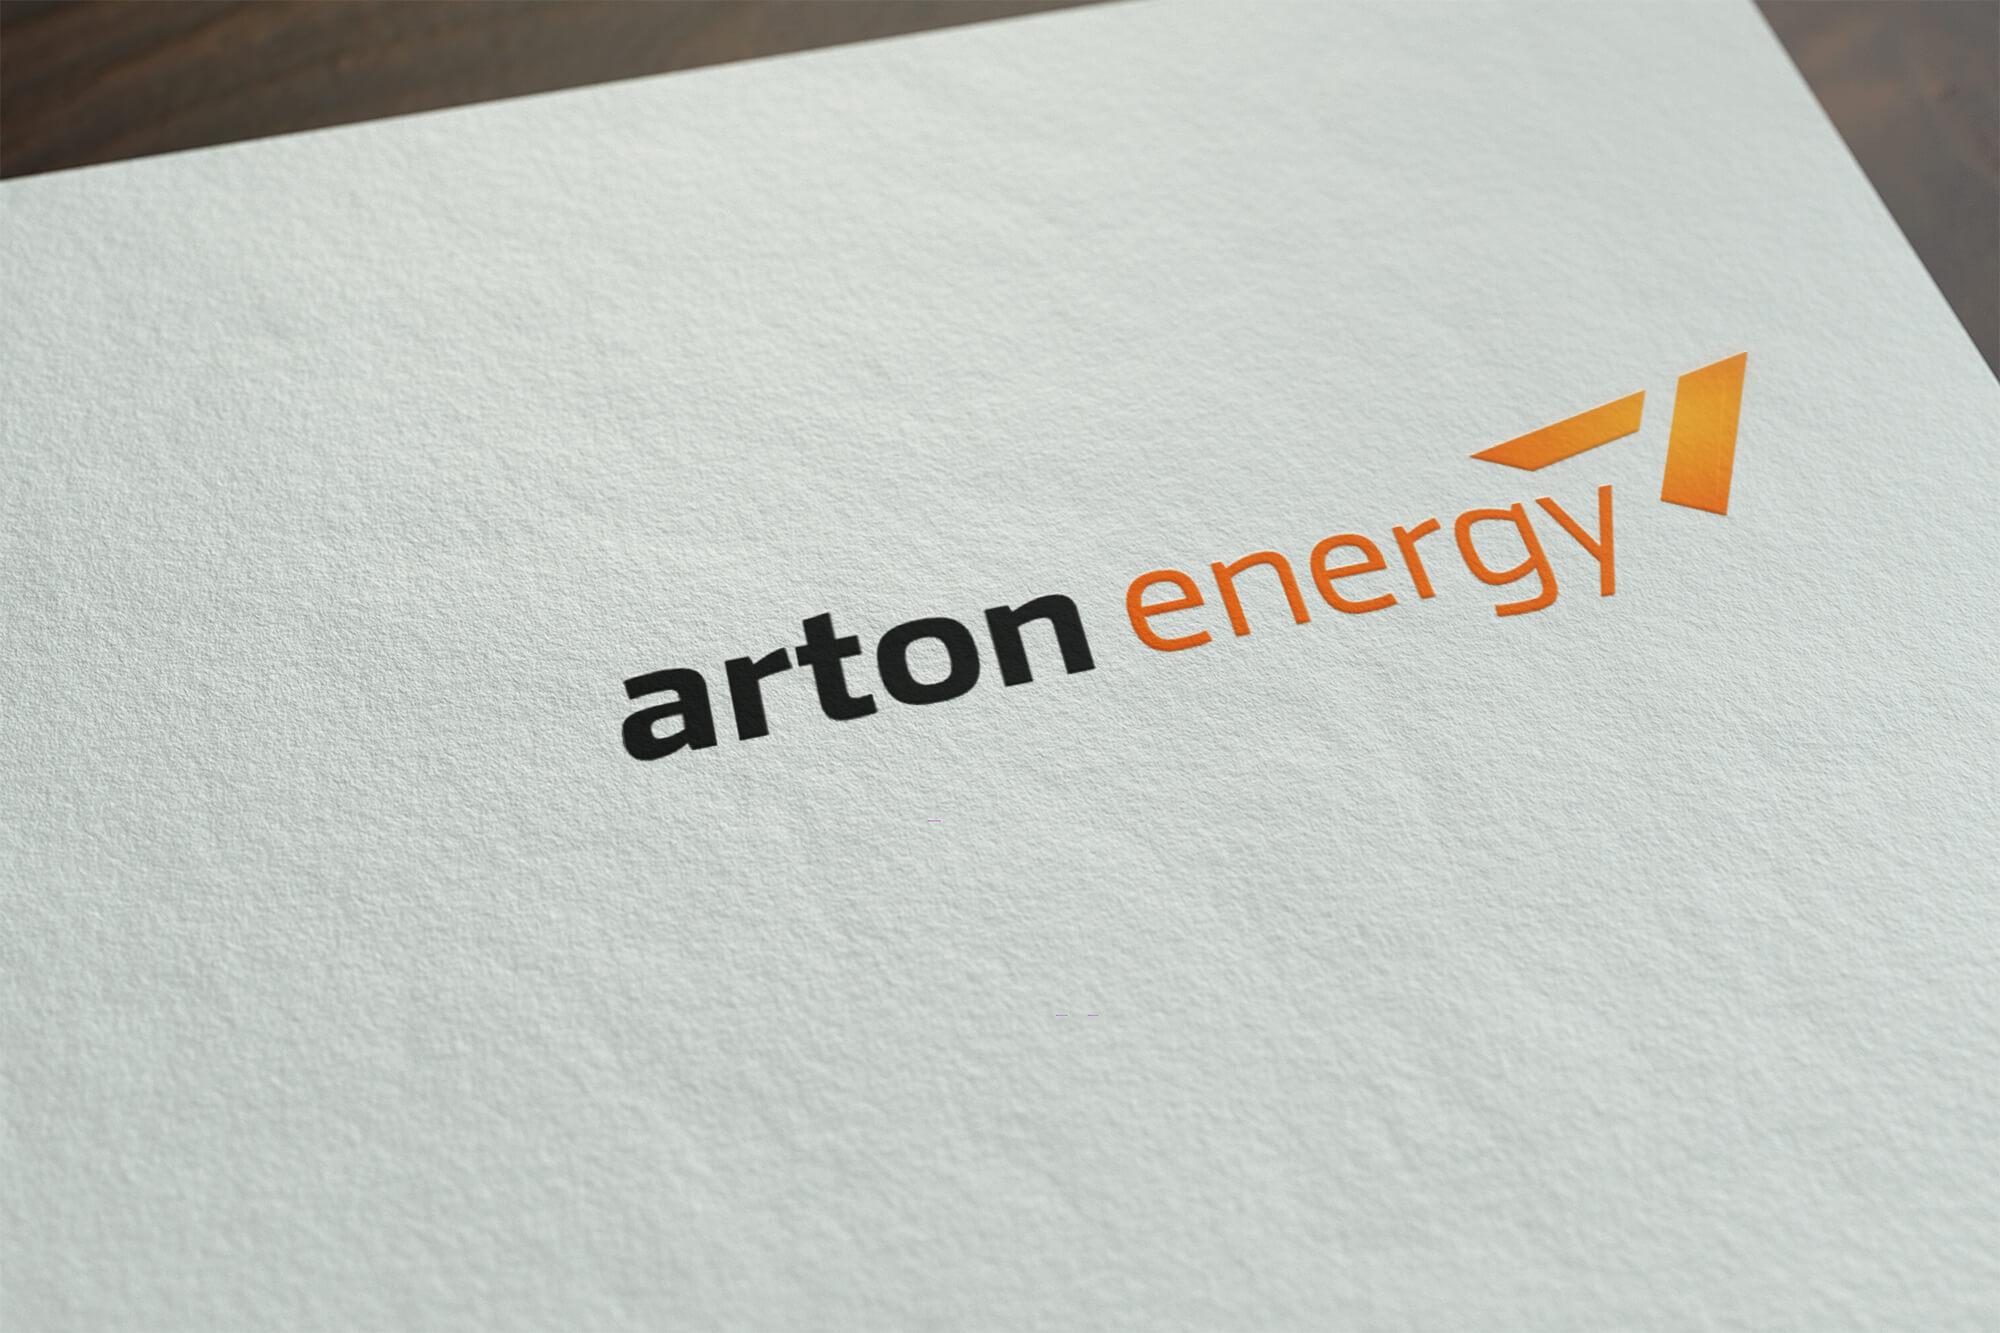 Arton Energy logo